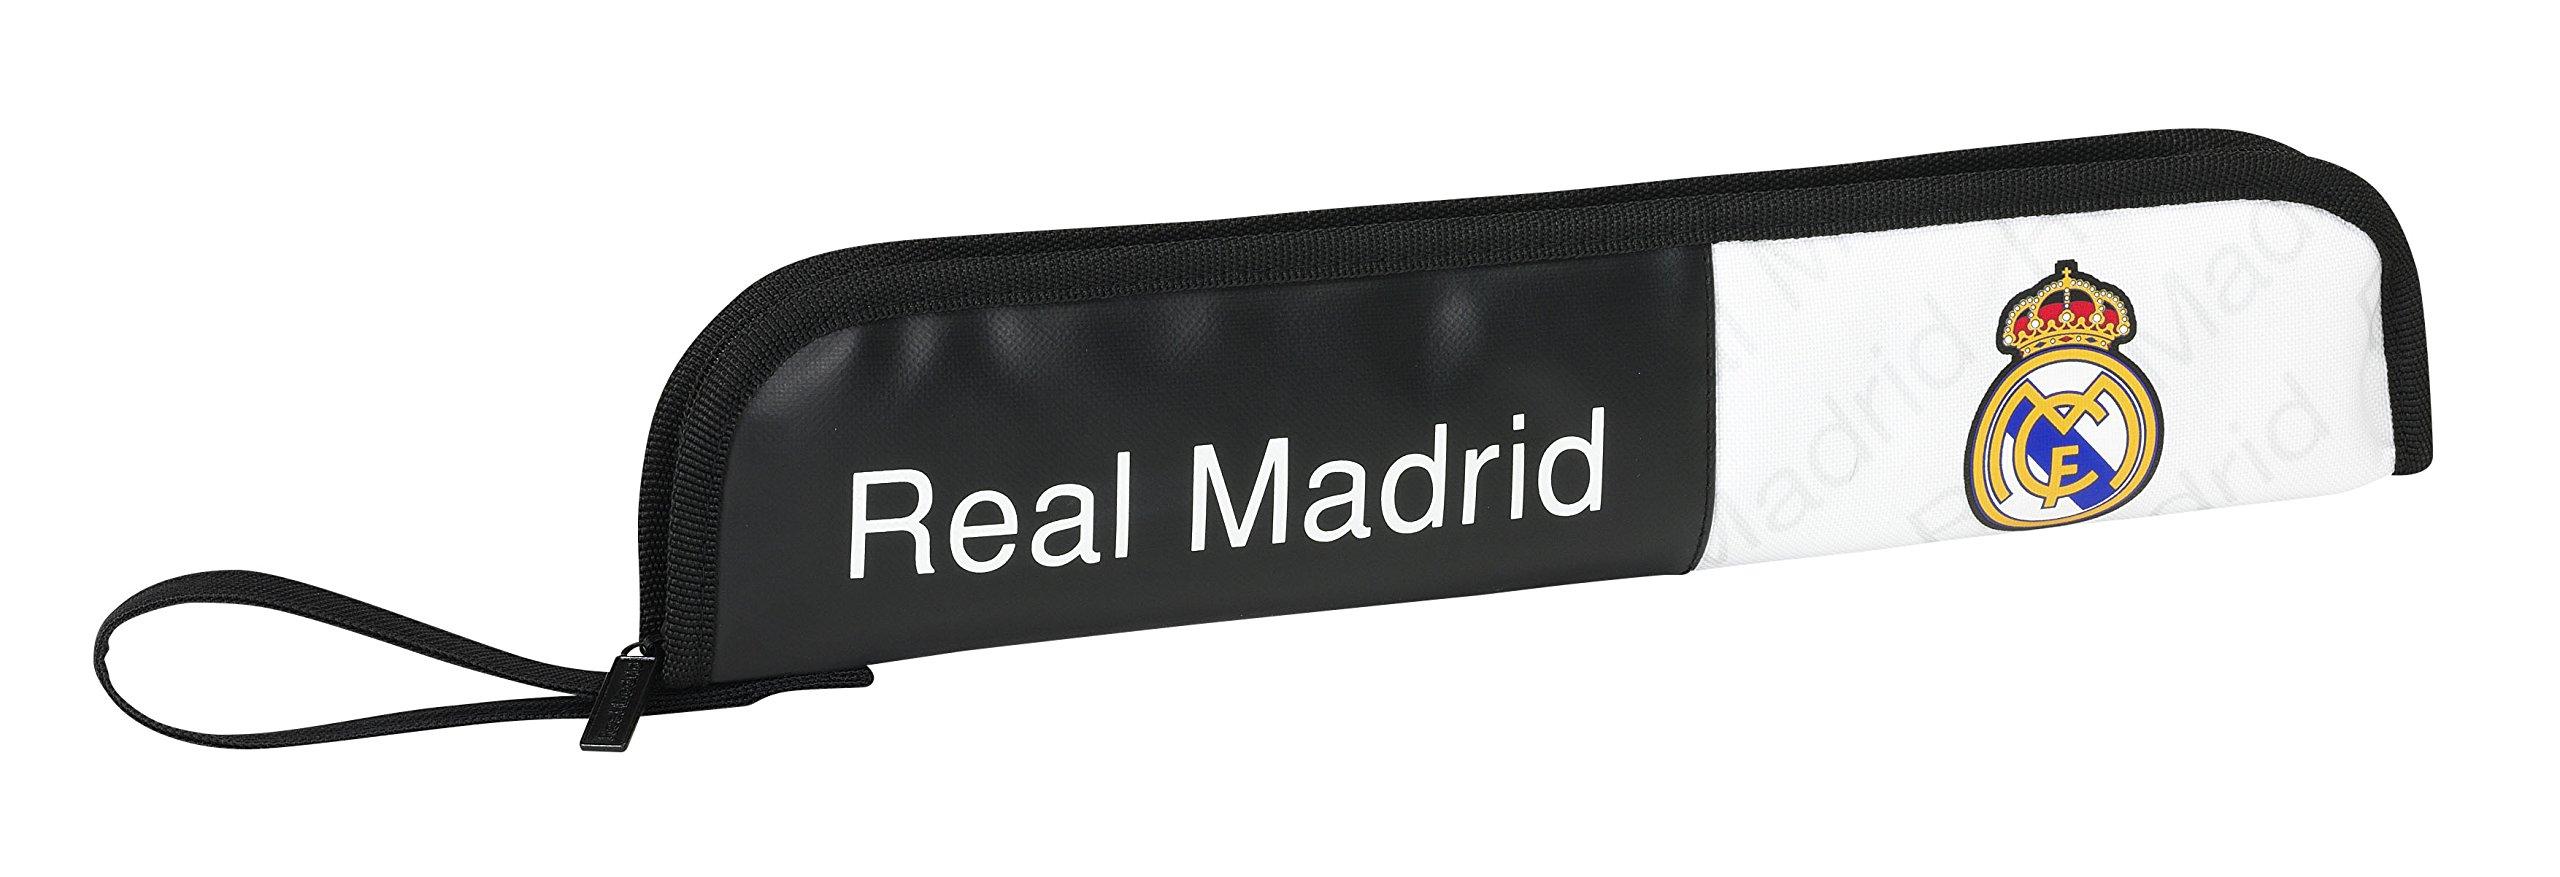 Real Madrid – Portaflautas (SAFTA 811557284)